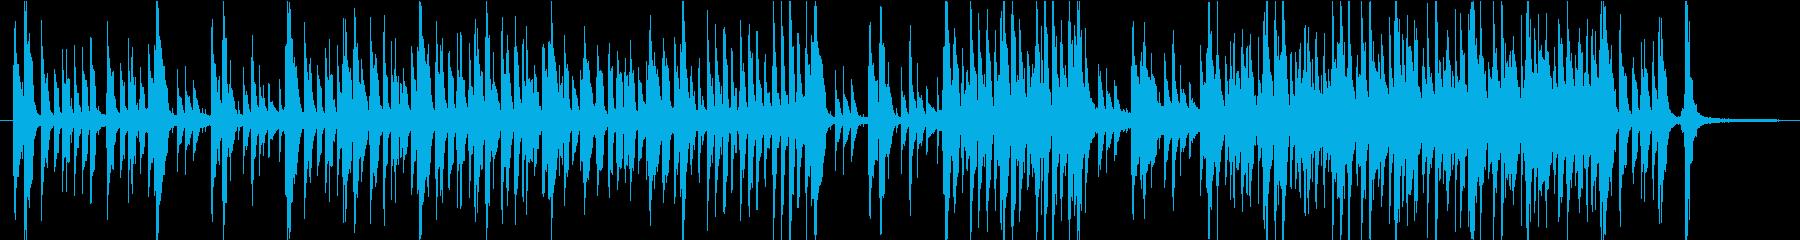 モーションアニメのためのジャジーなポップの再生済みの波形